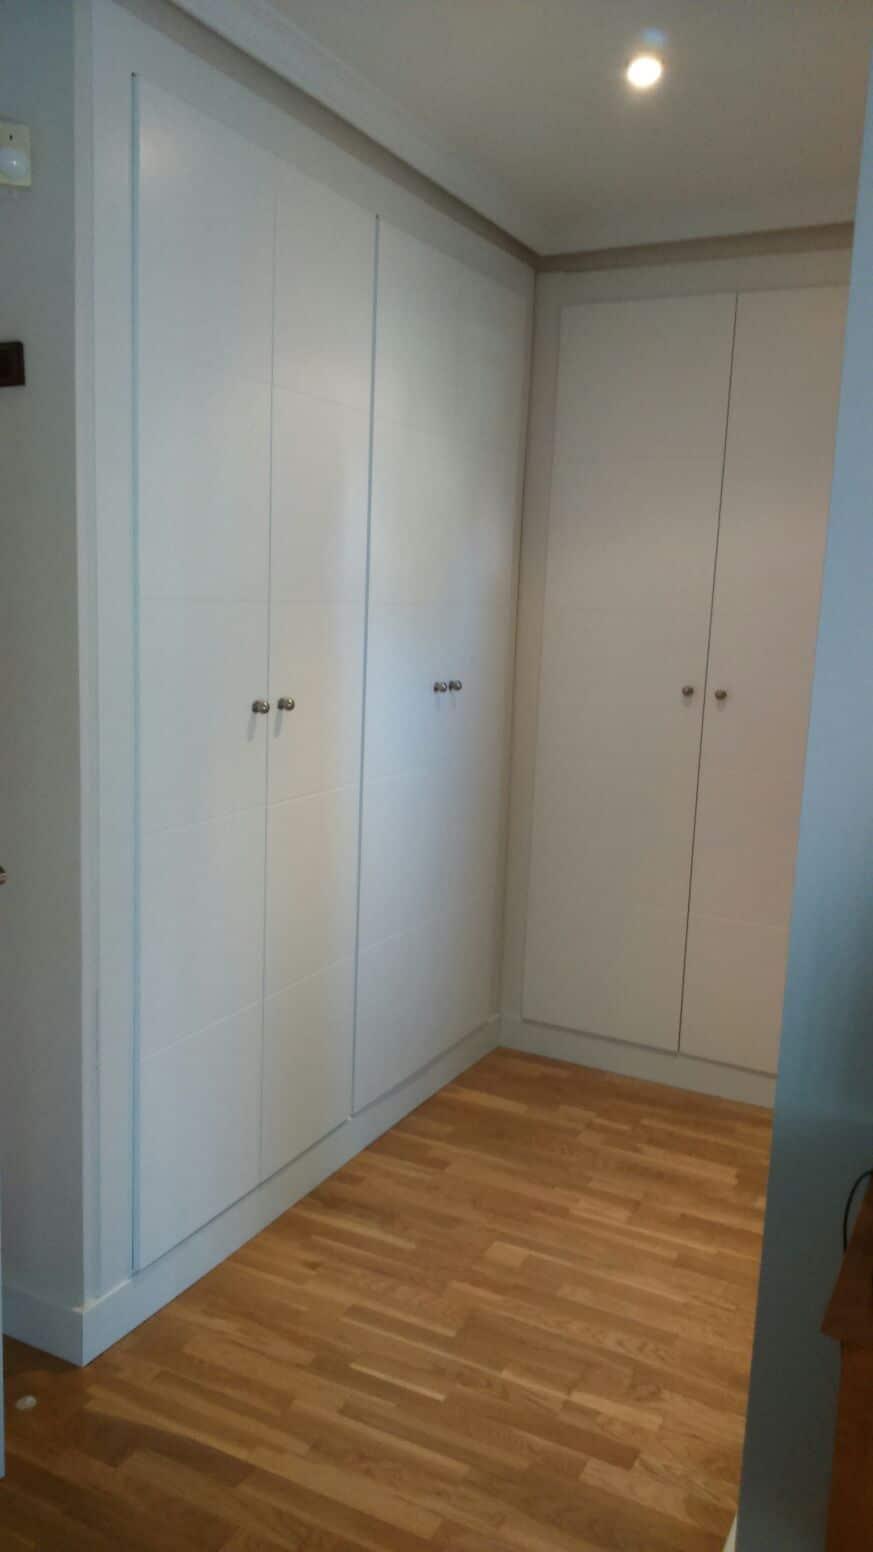 armario-blanco-japones-dos